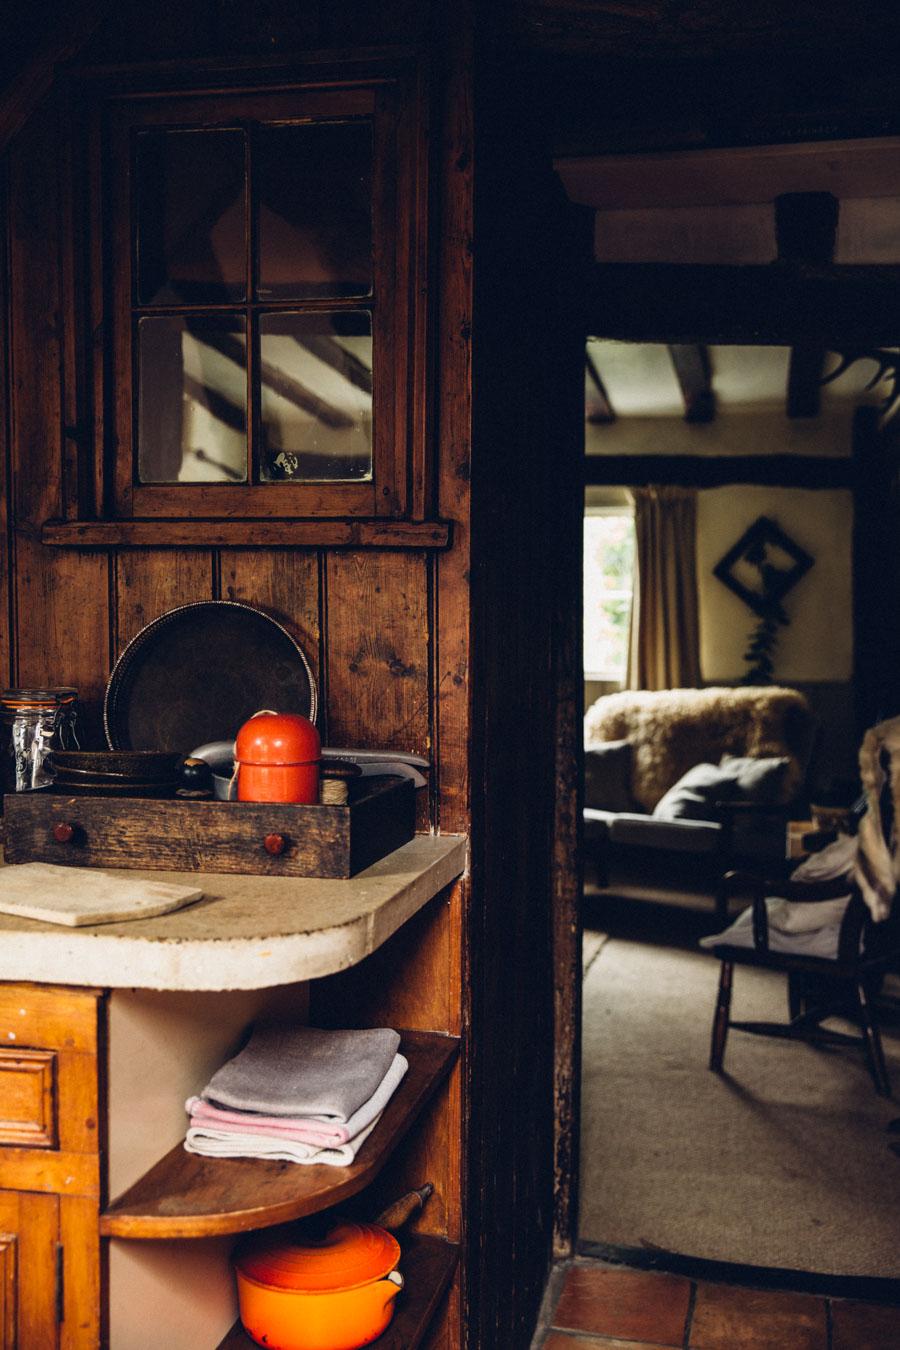 Rustic vintage style